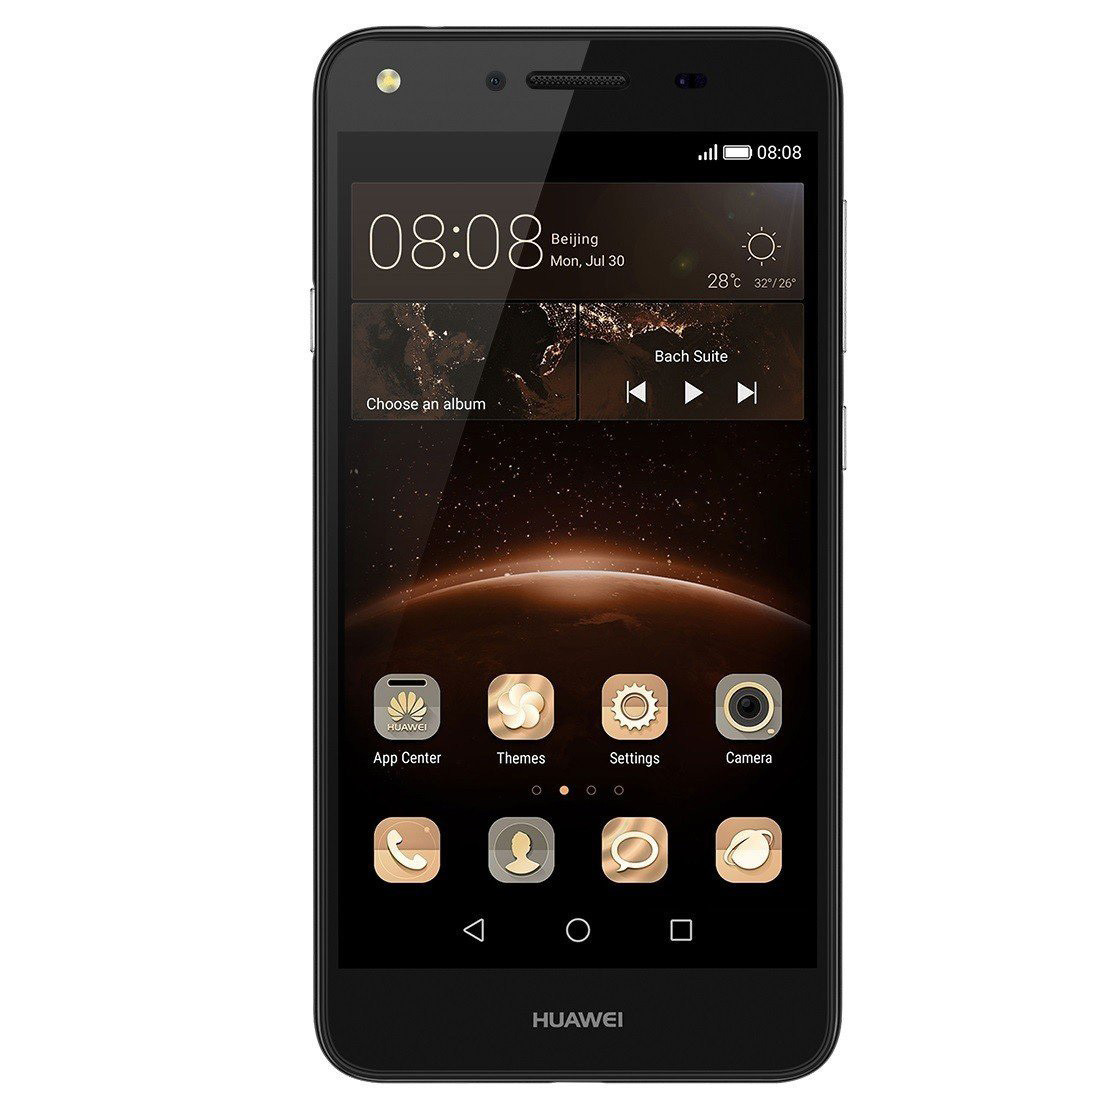 Huawei Y5 II CUN-U29 1/8Gb Black Grade C Б/У